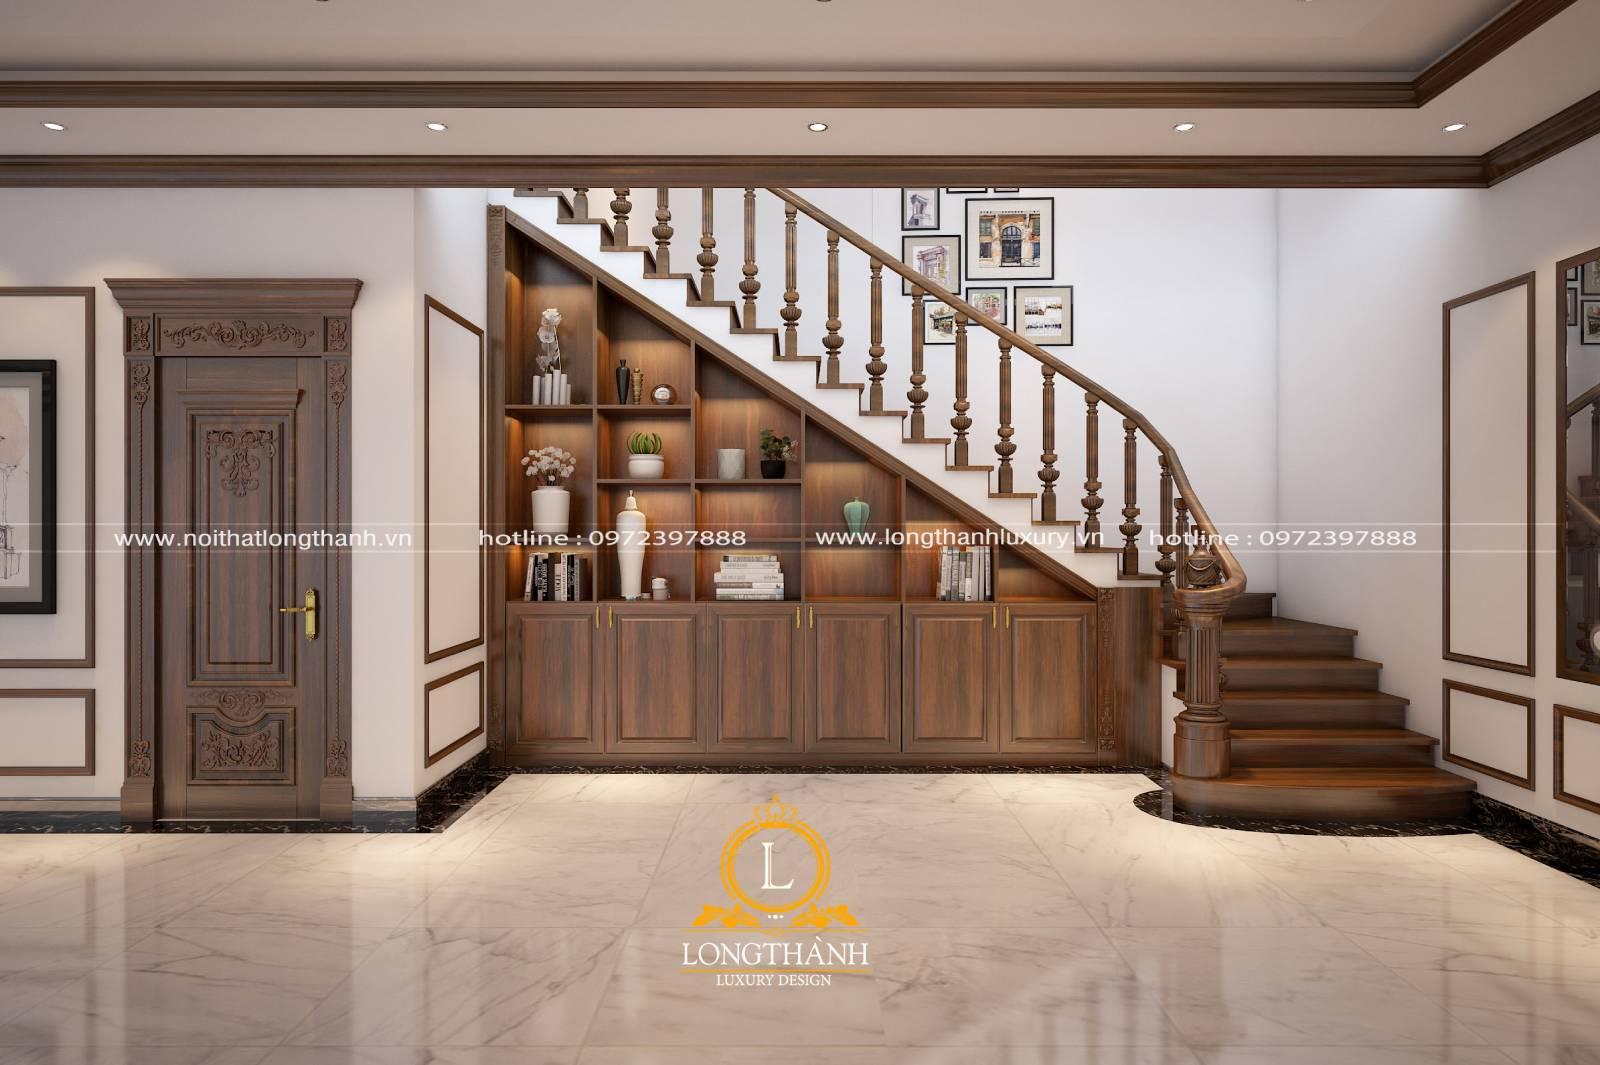 Hình ảnh trang trí gầm cầu thang bằng tủ gỗ vừa đẹp vừa sang trọng